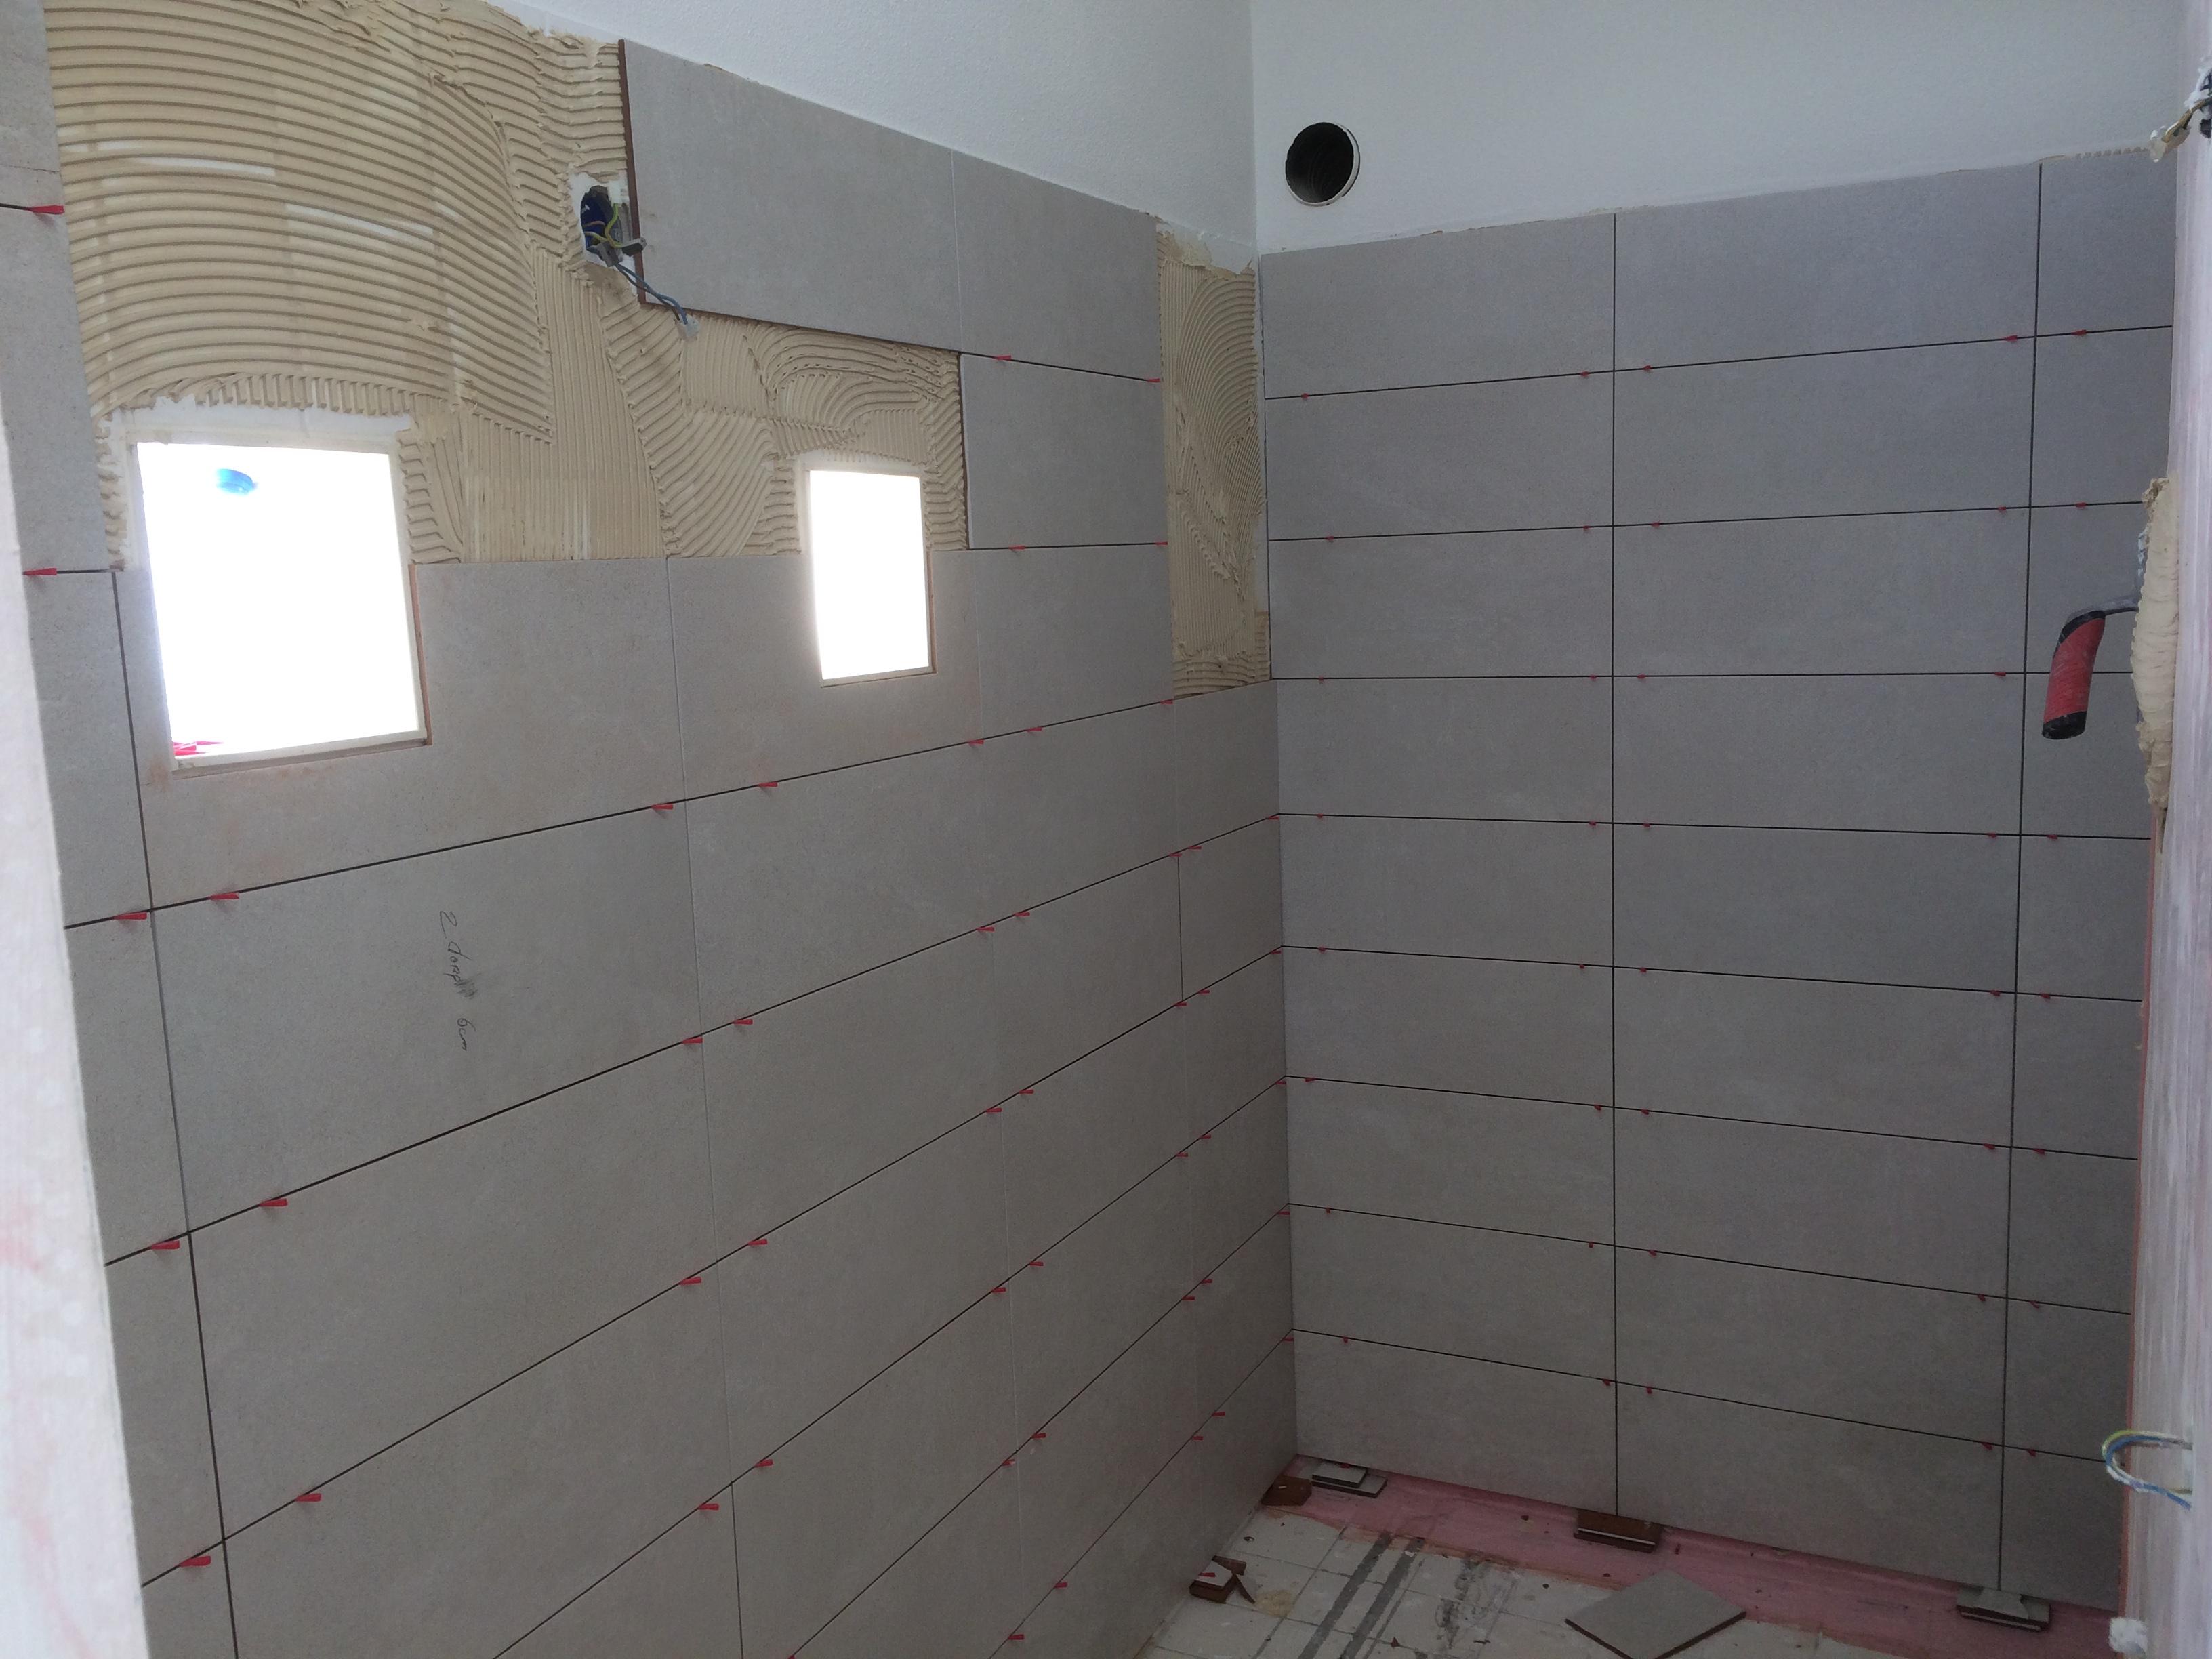 Zelf Badkamer Betegelen : Badkamer betegelen u van muijen bouw infra